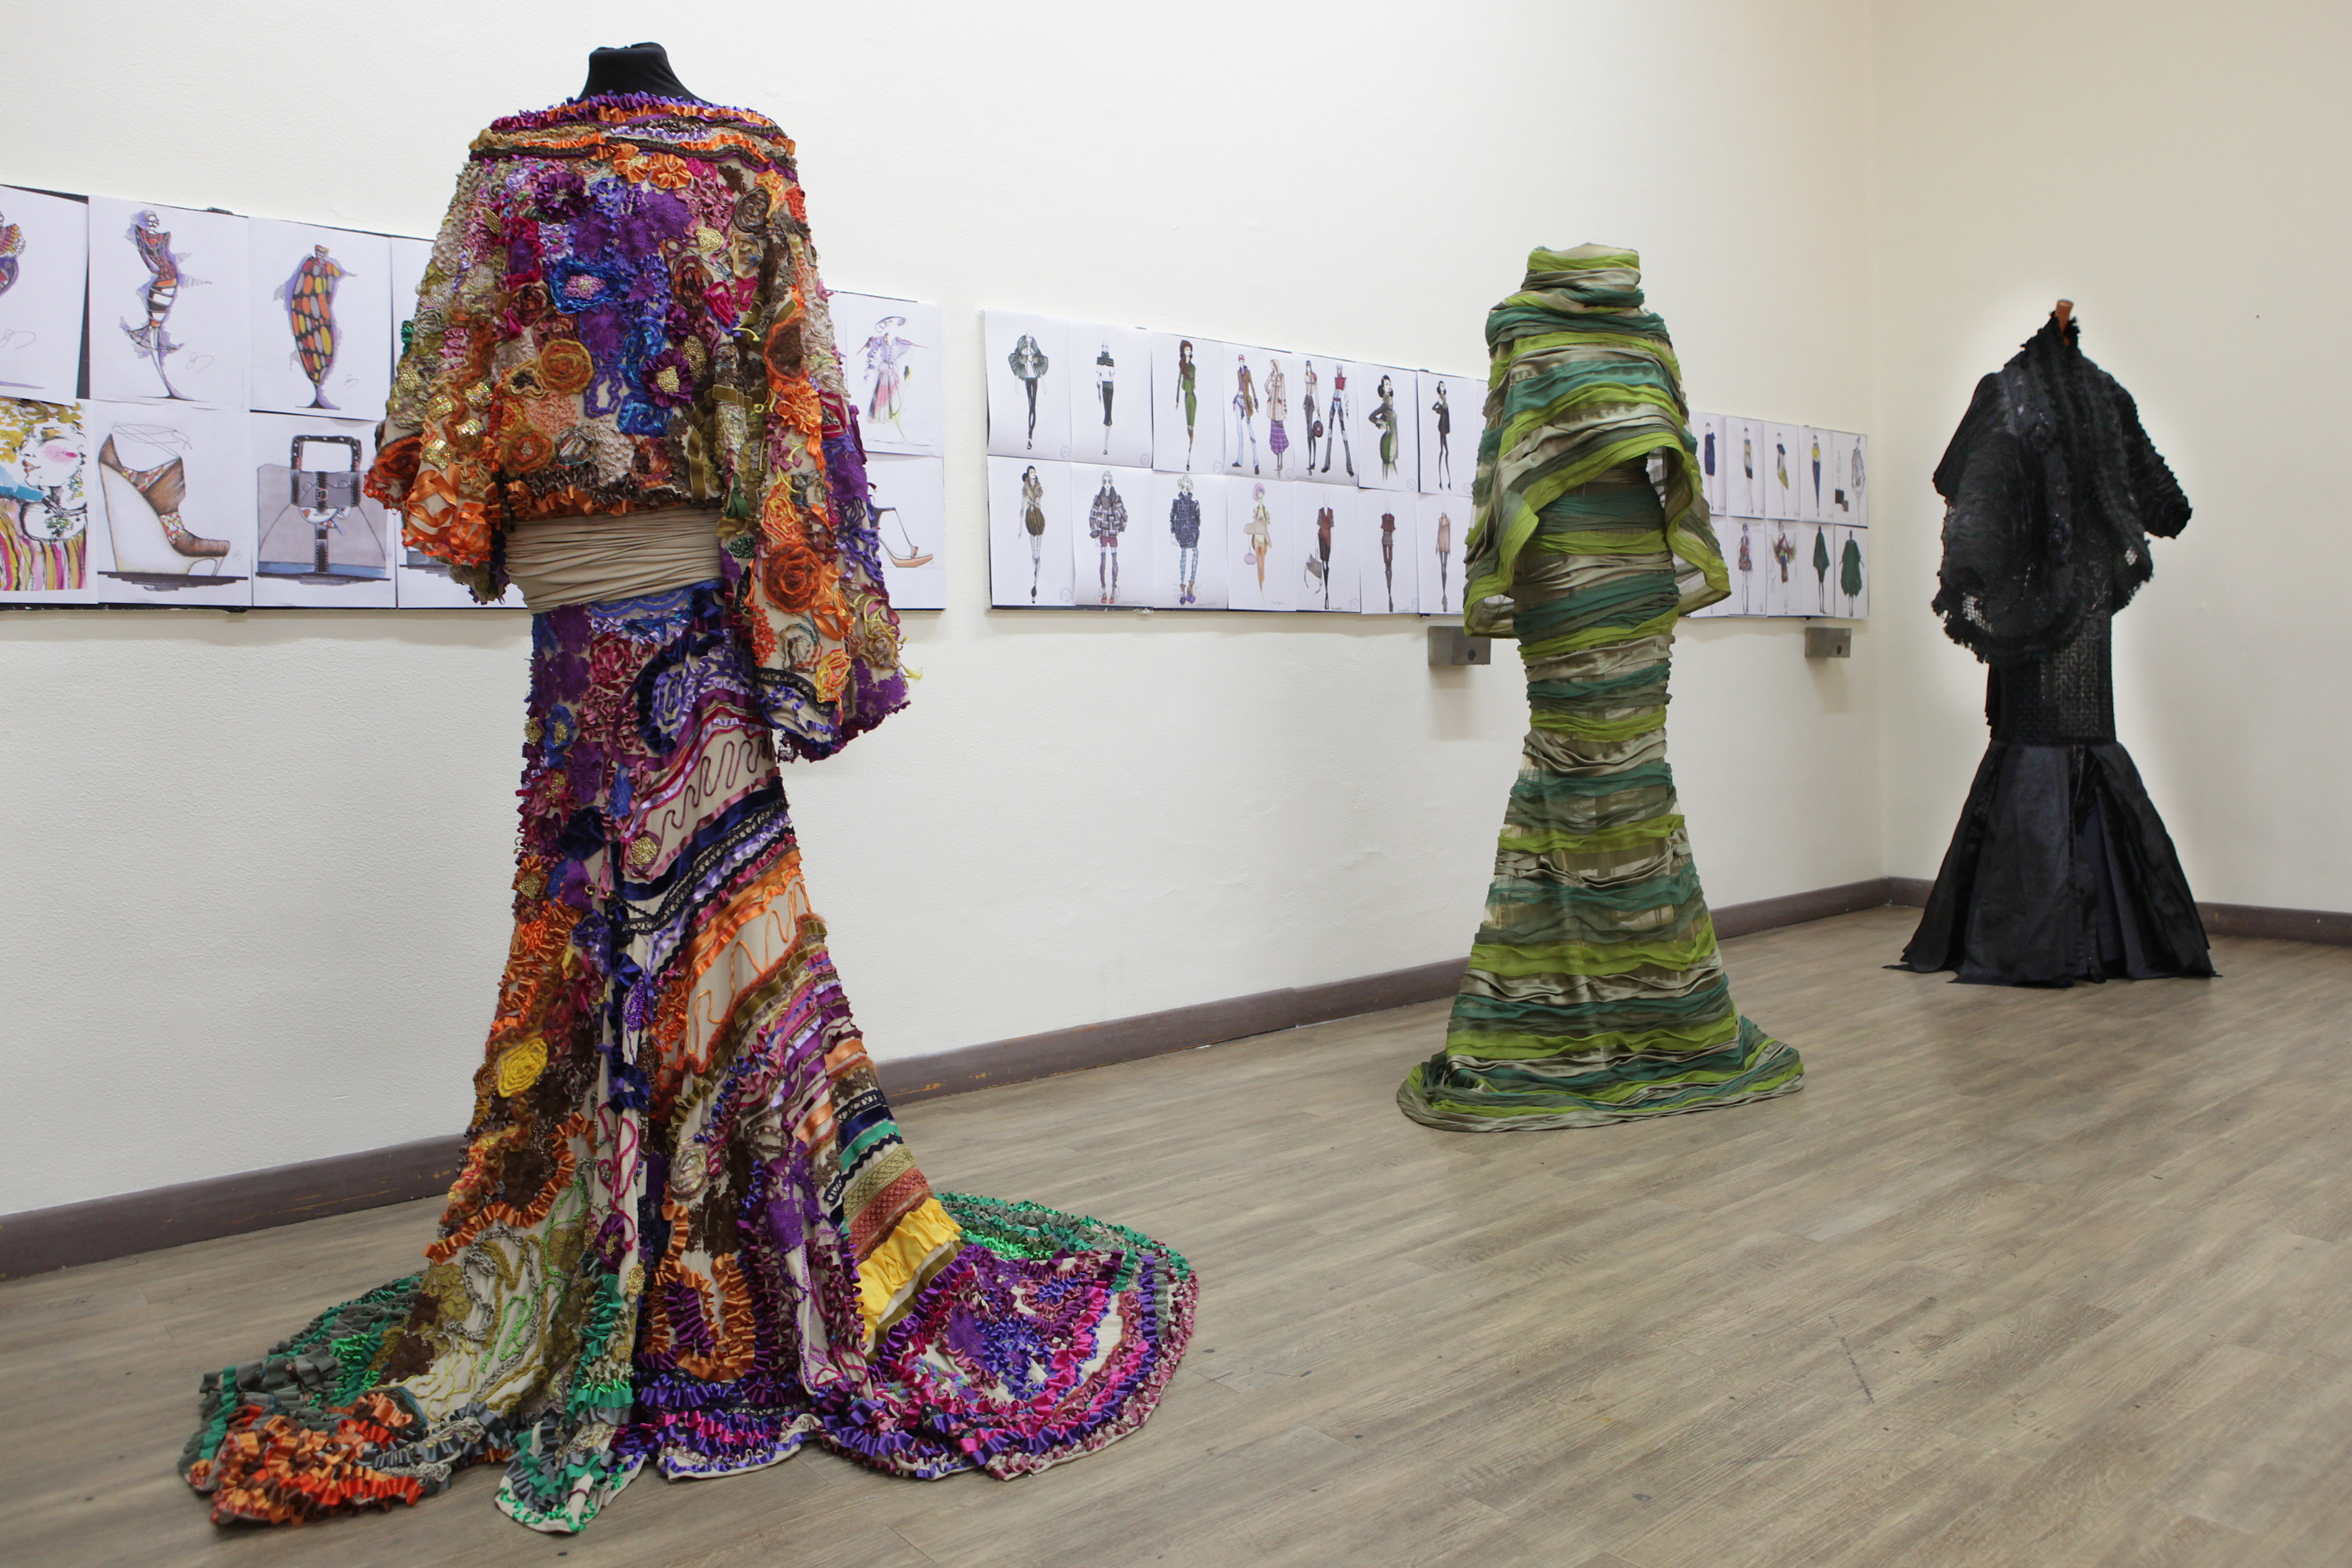 Moda scambio culturale sull 39 asse cosenza toronto for Accademie di moda milano